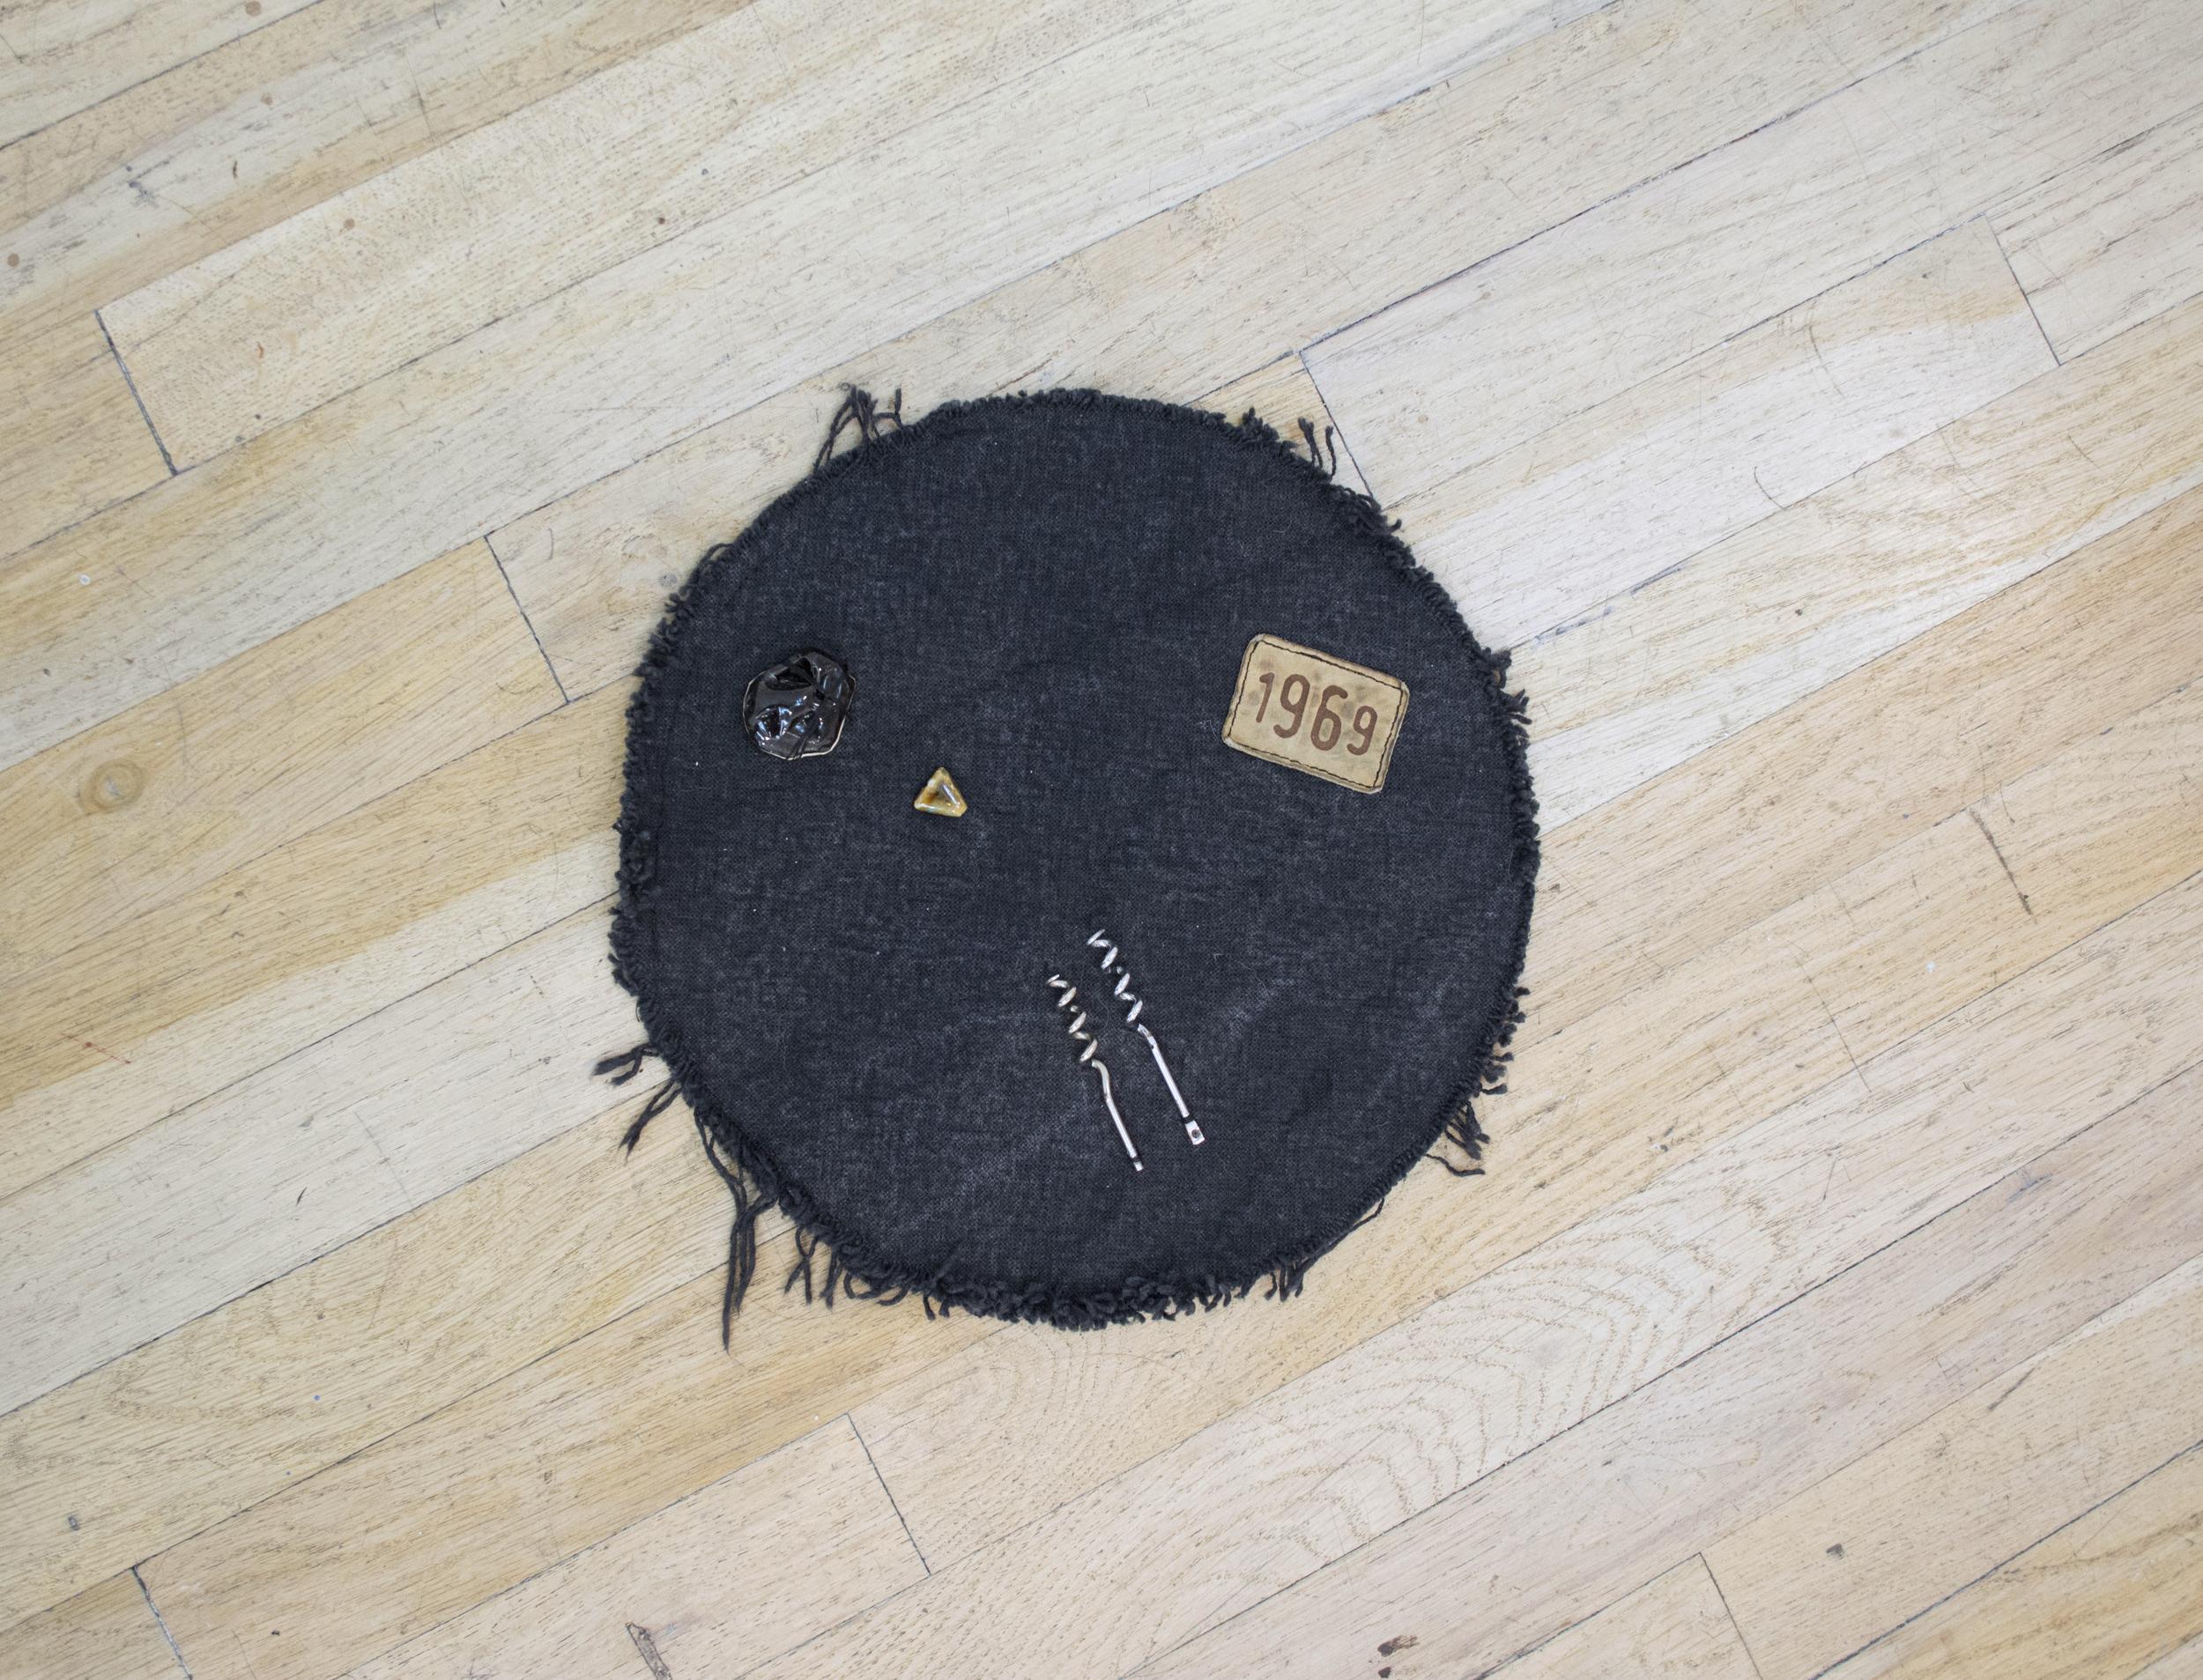 """Catherine Czacki   Post radical , 2016  Denim, black glazed ceramic, wine key elements, leather clothing tag, accompanied by text:  BB. 11.5"""" x 11.5"""" x 1"""""""